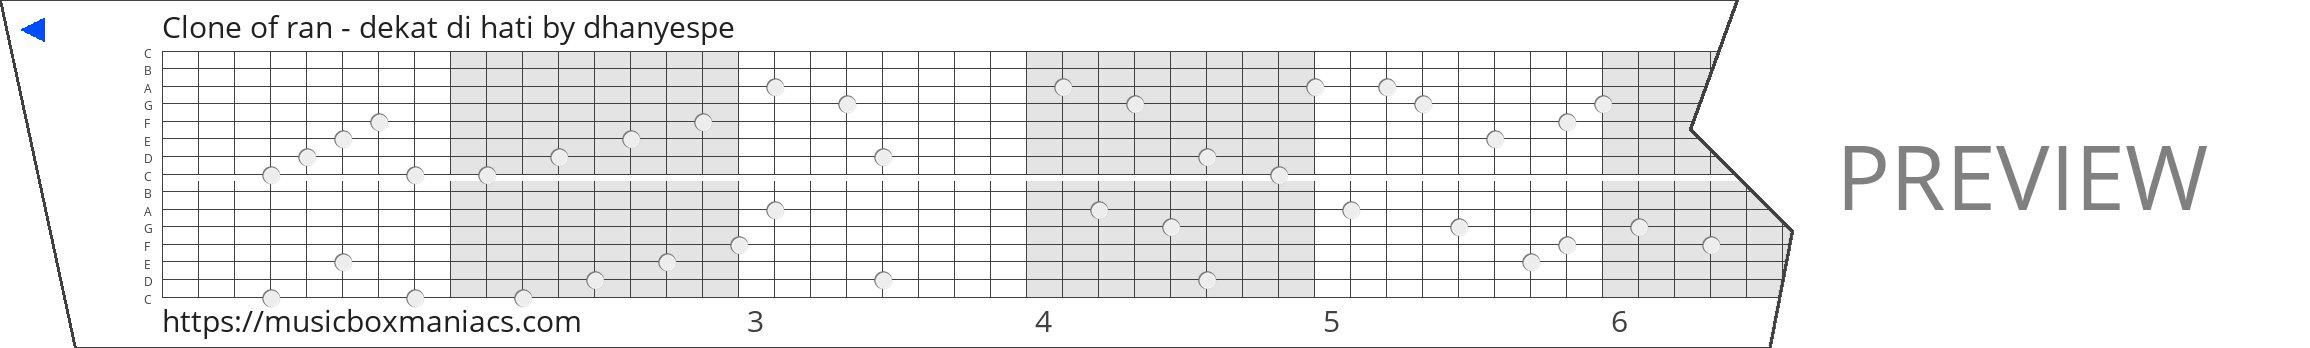 Clone of ran - dekat di hati 15 note music box paper strip